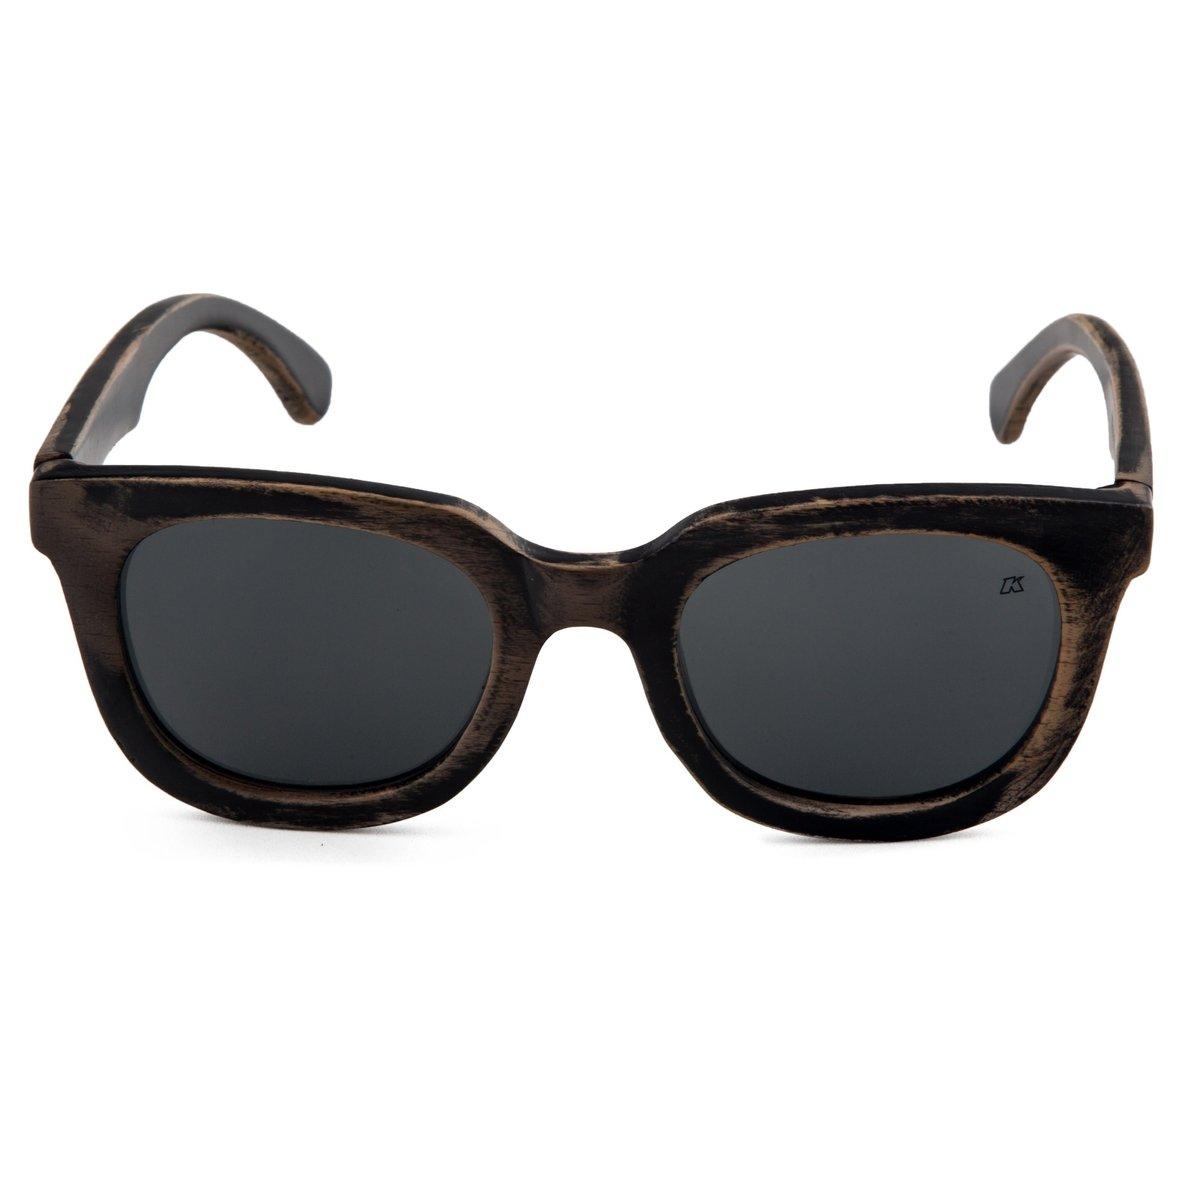 d3334cf819dd9 Óculos de Sol Khatto 549 - Compre Agora   Netshoes